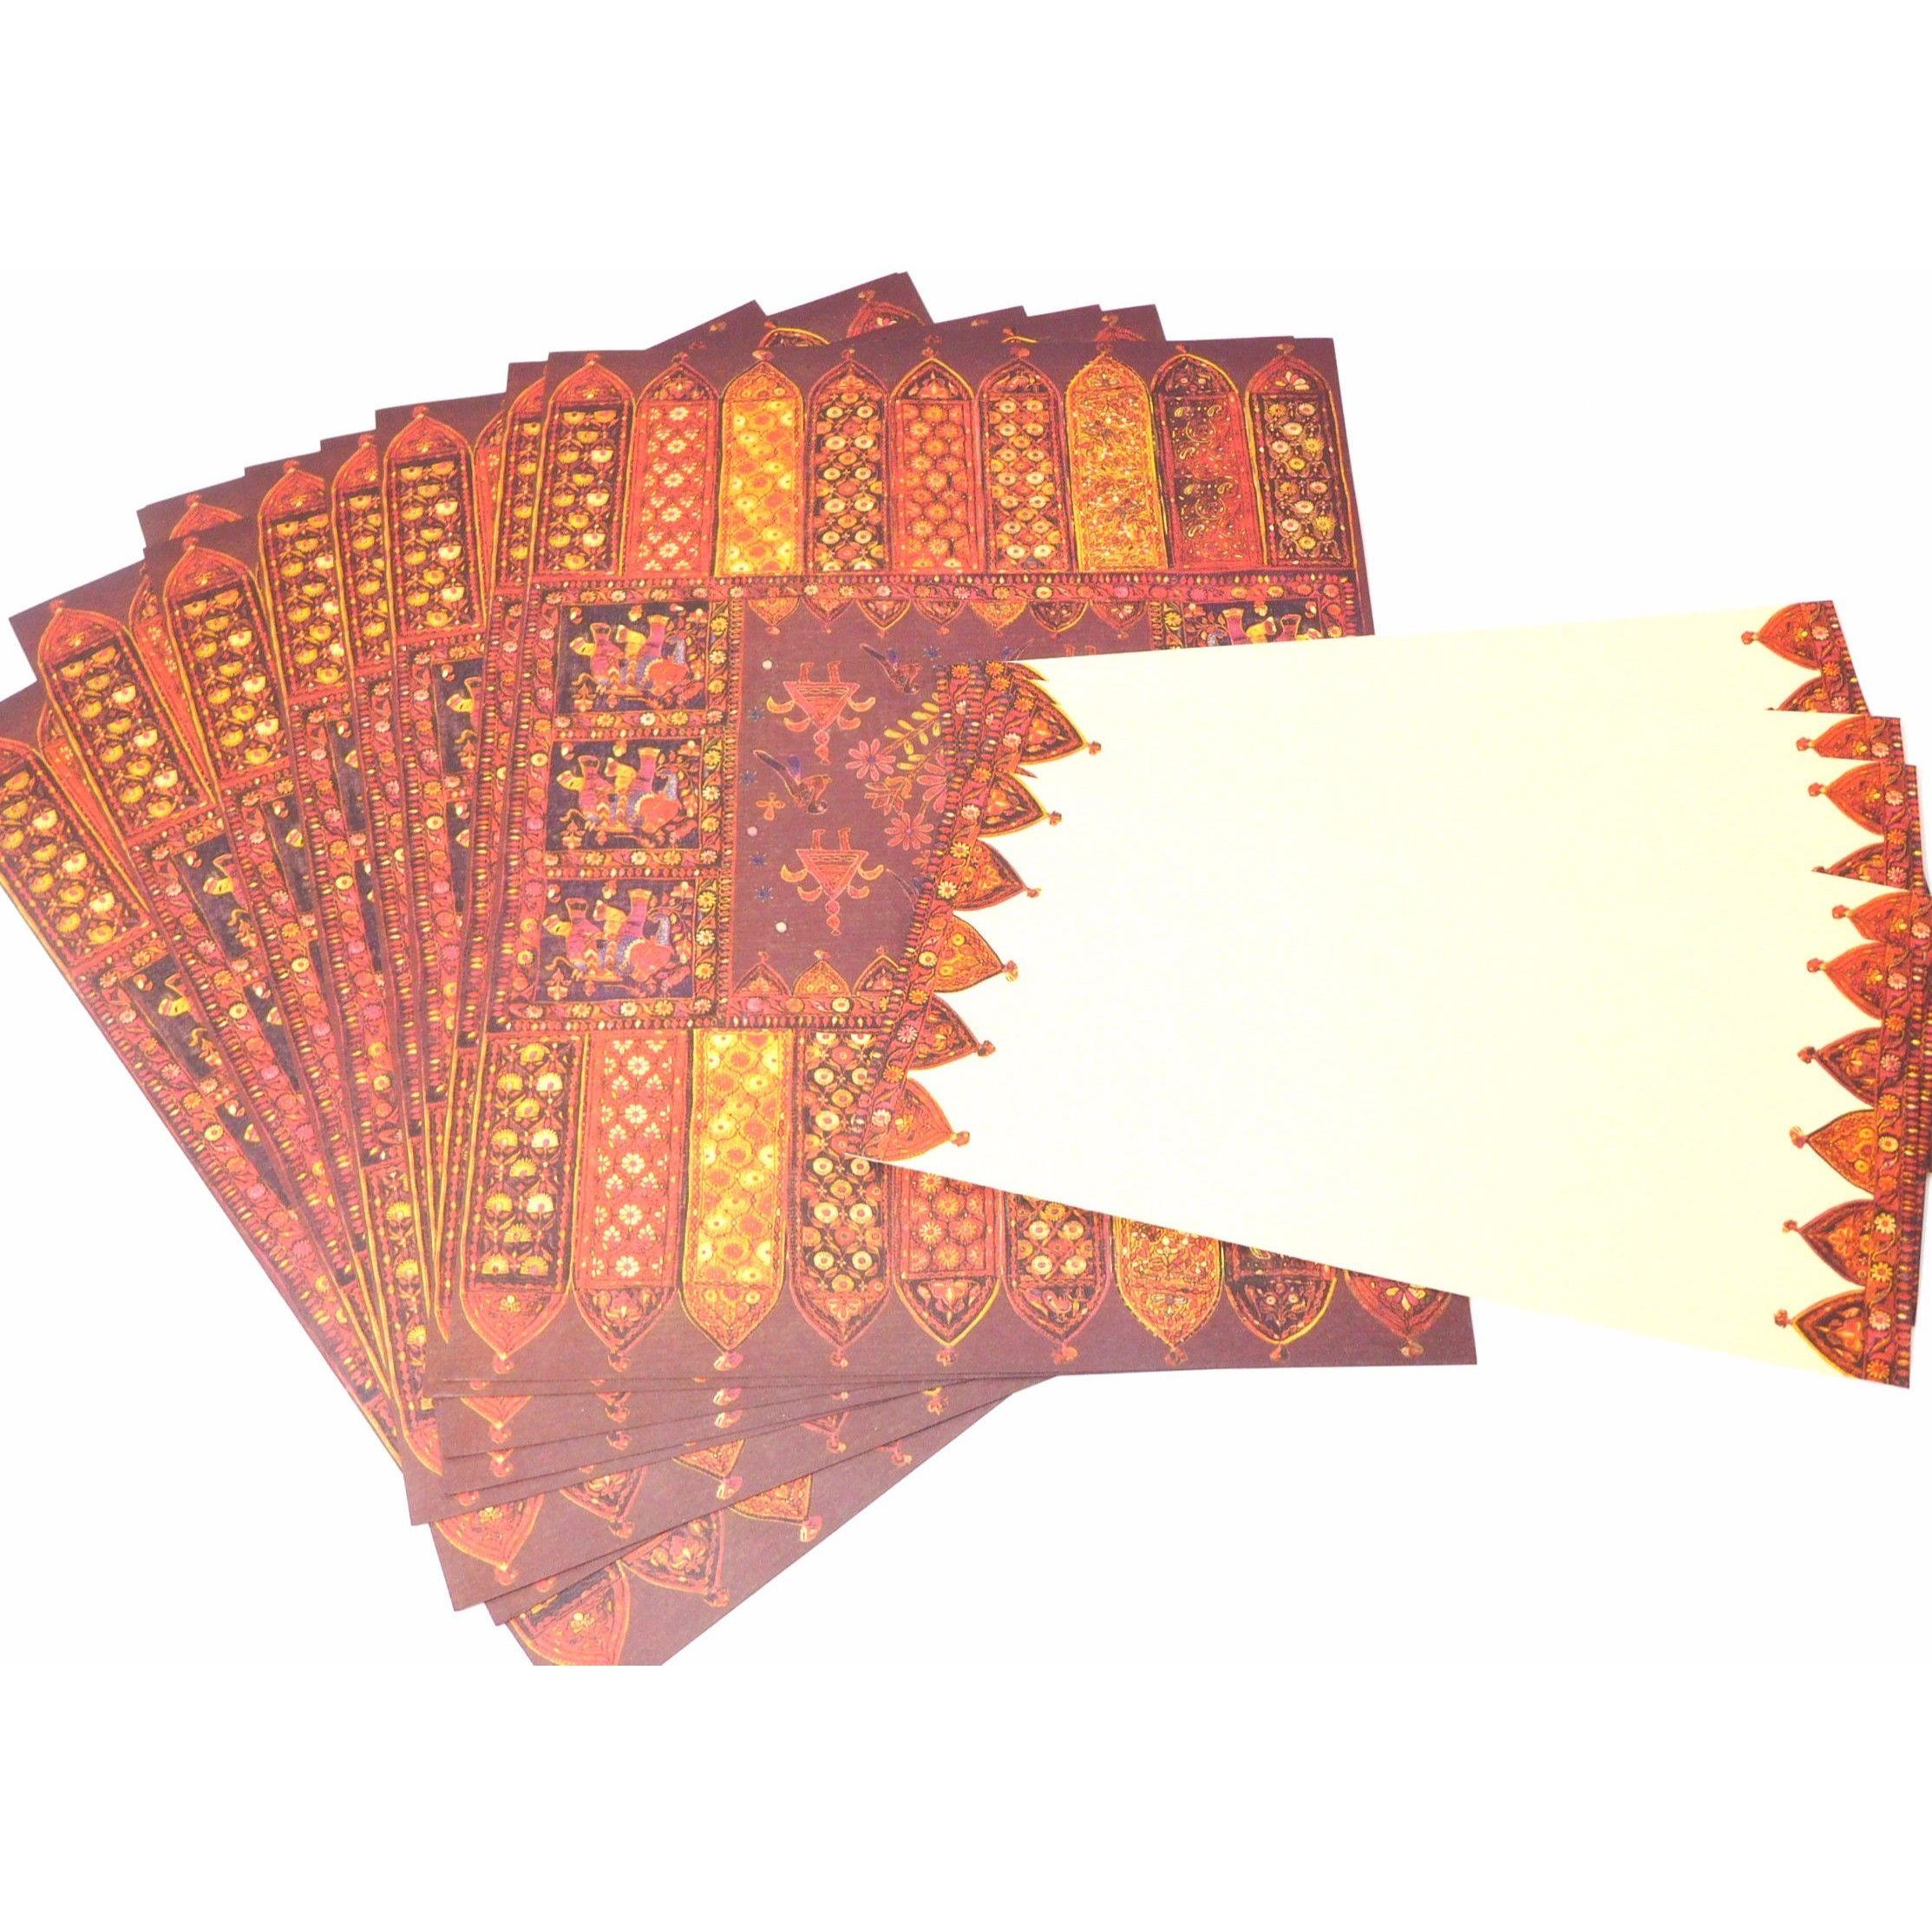 インド高級紙エスニック柄レターセット